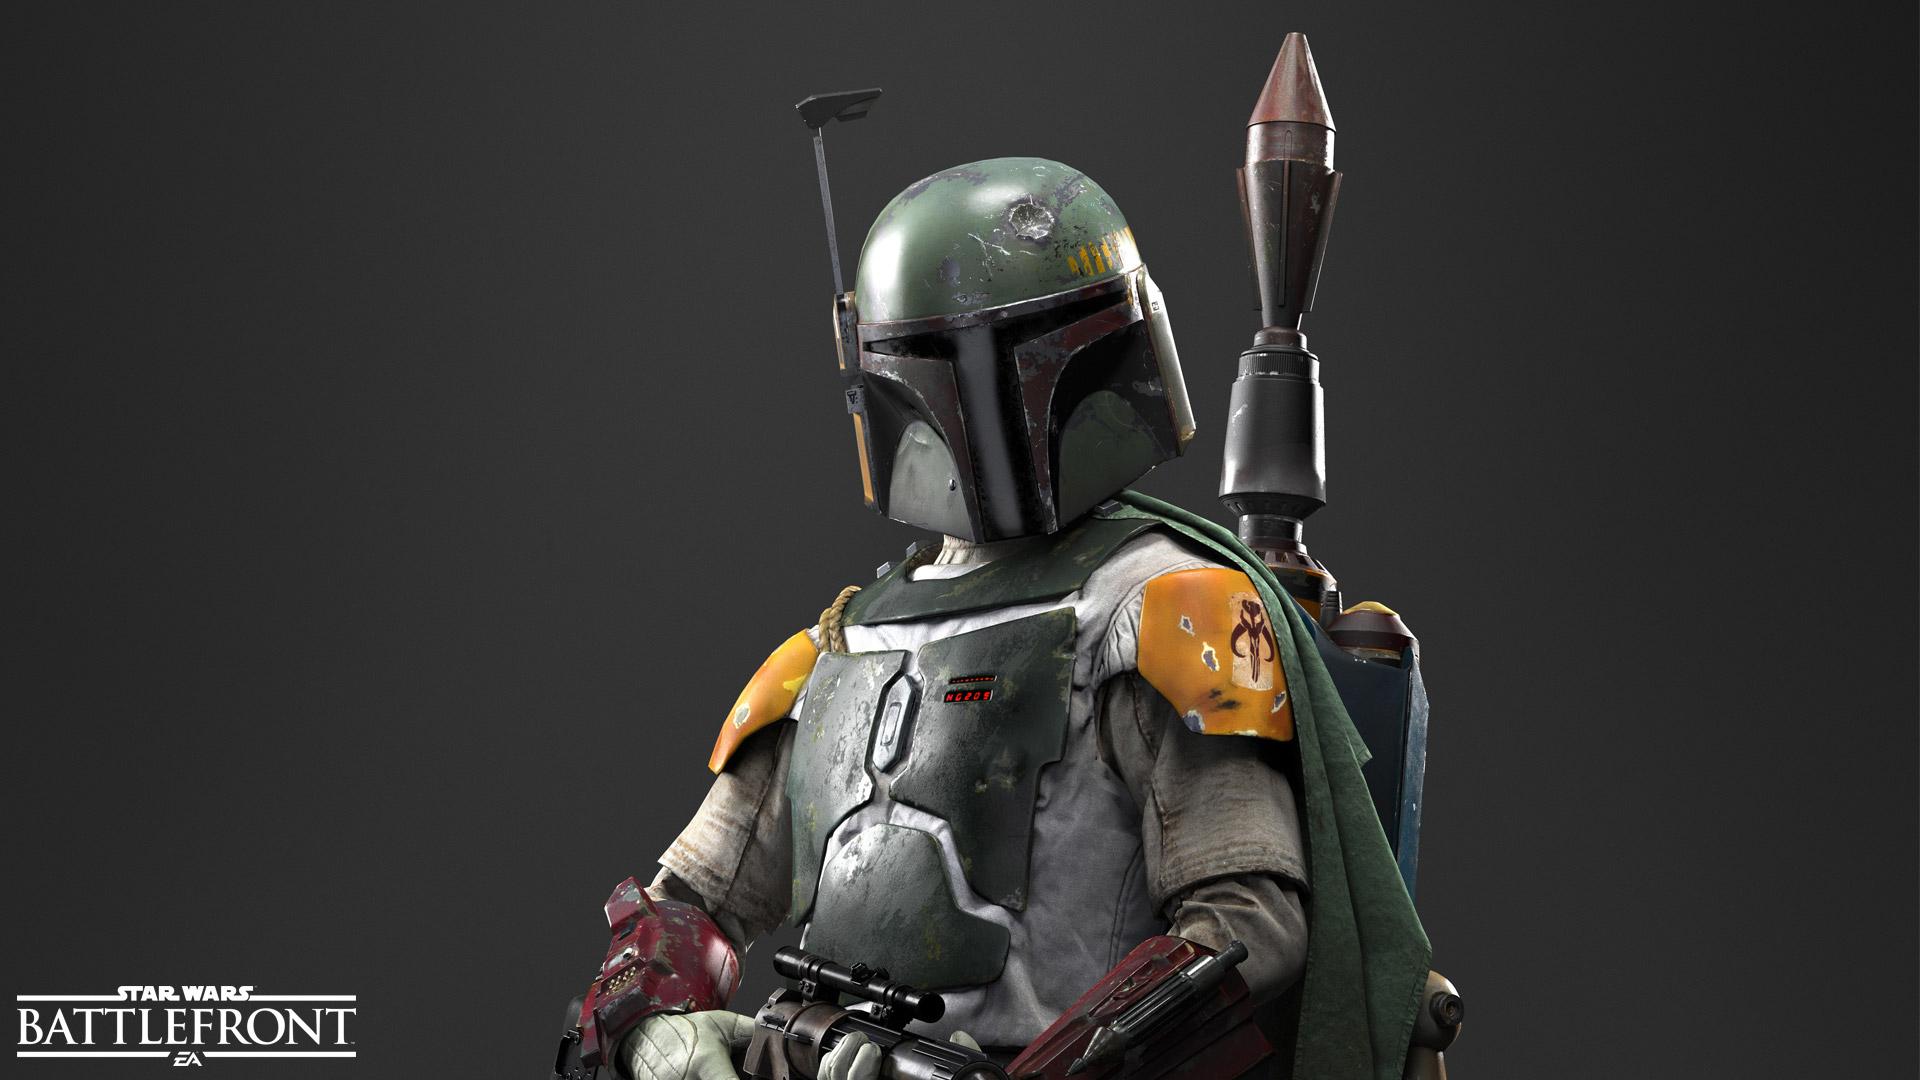 Limited Edition Star Wars Battlefront PlayStation 4 bundle